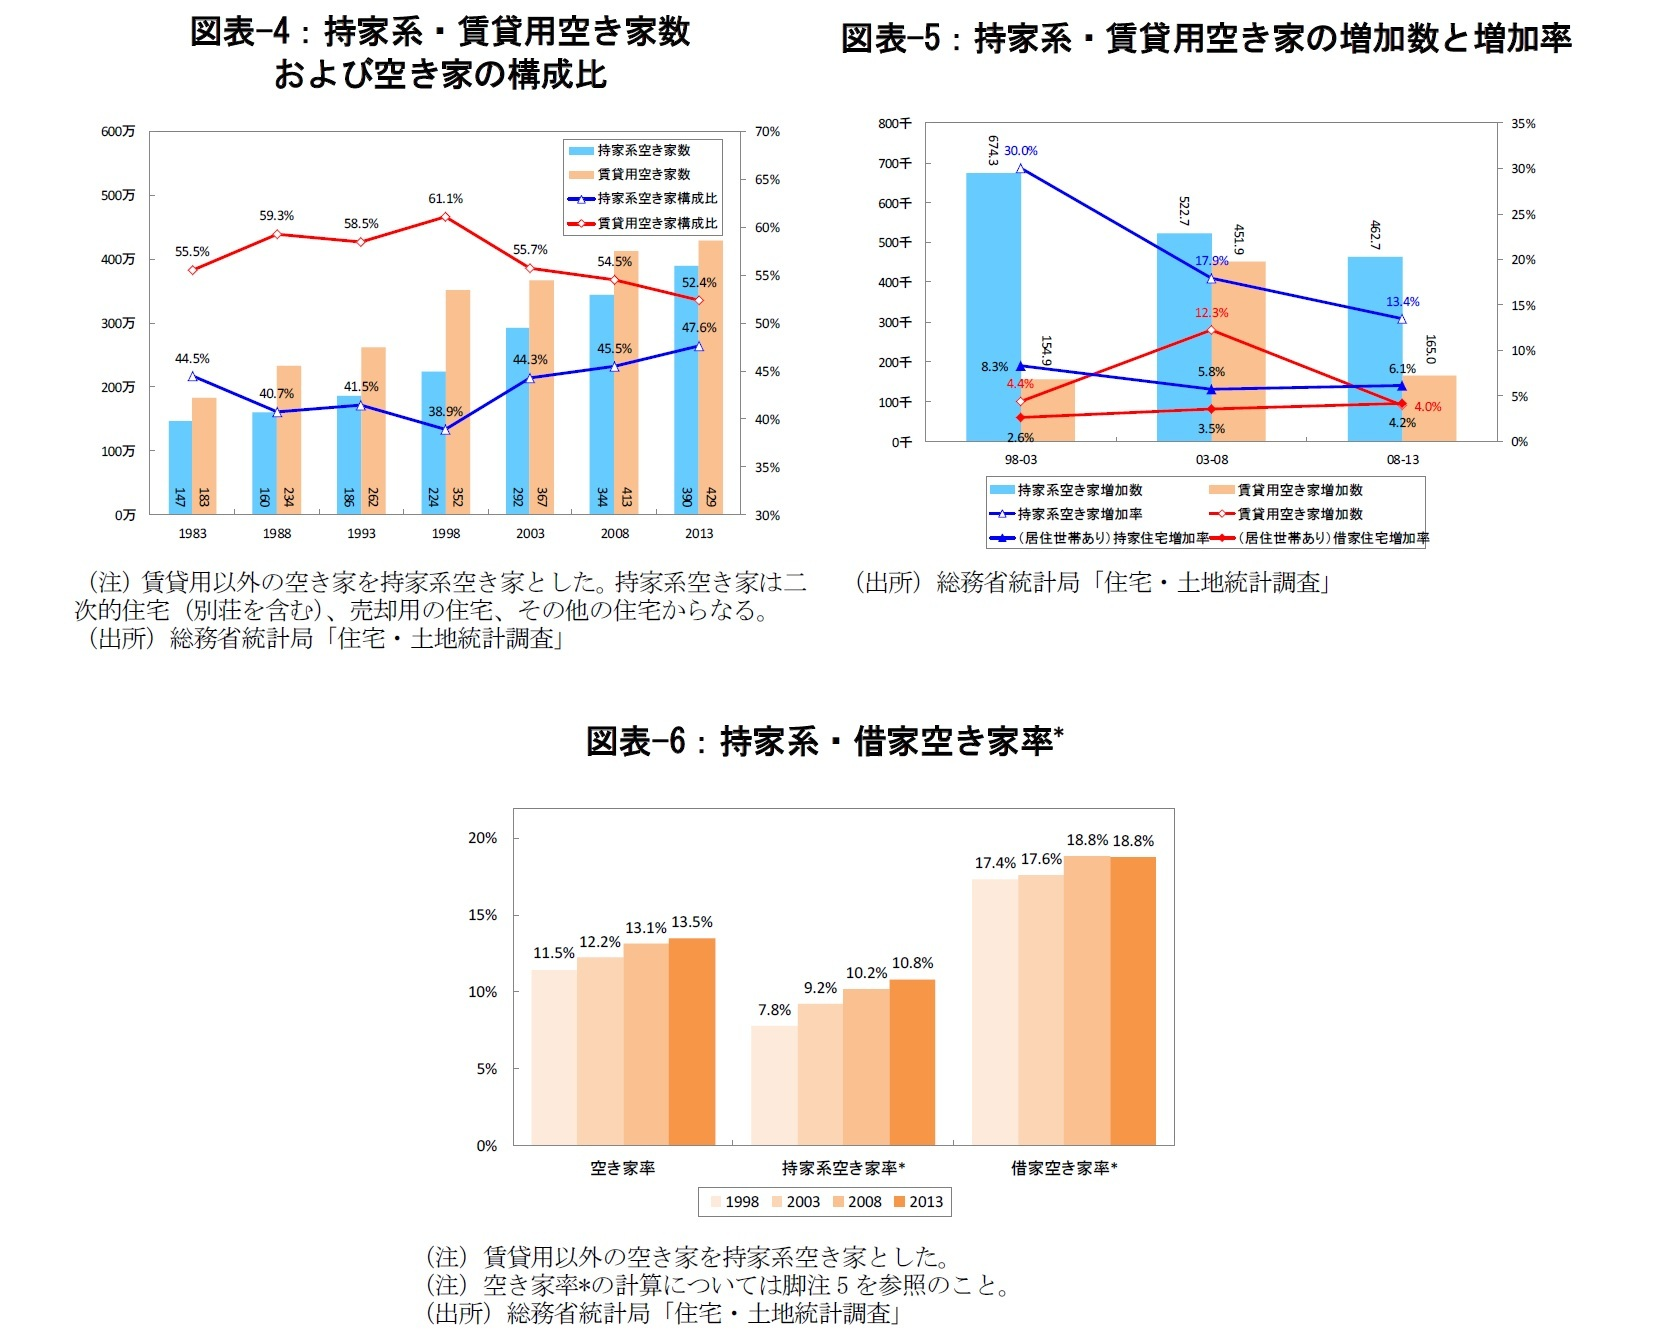 図表-4:持家系・賃貸用空き家数および空き家の構成比/図表-5:持家系・賃貸用空き家の増加数と増加率/図表-6:持家系・借家空き家率